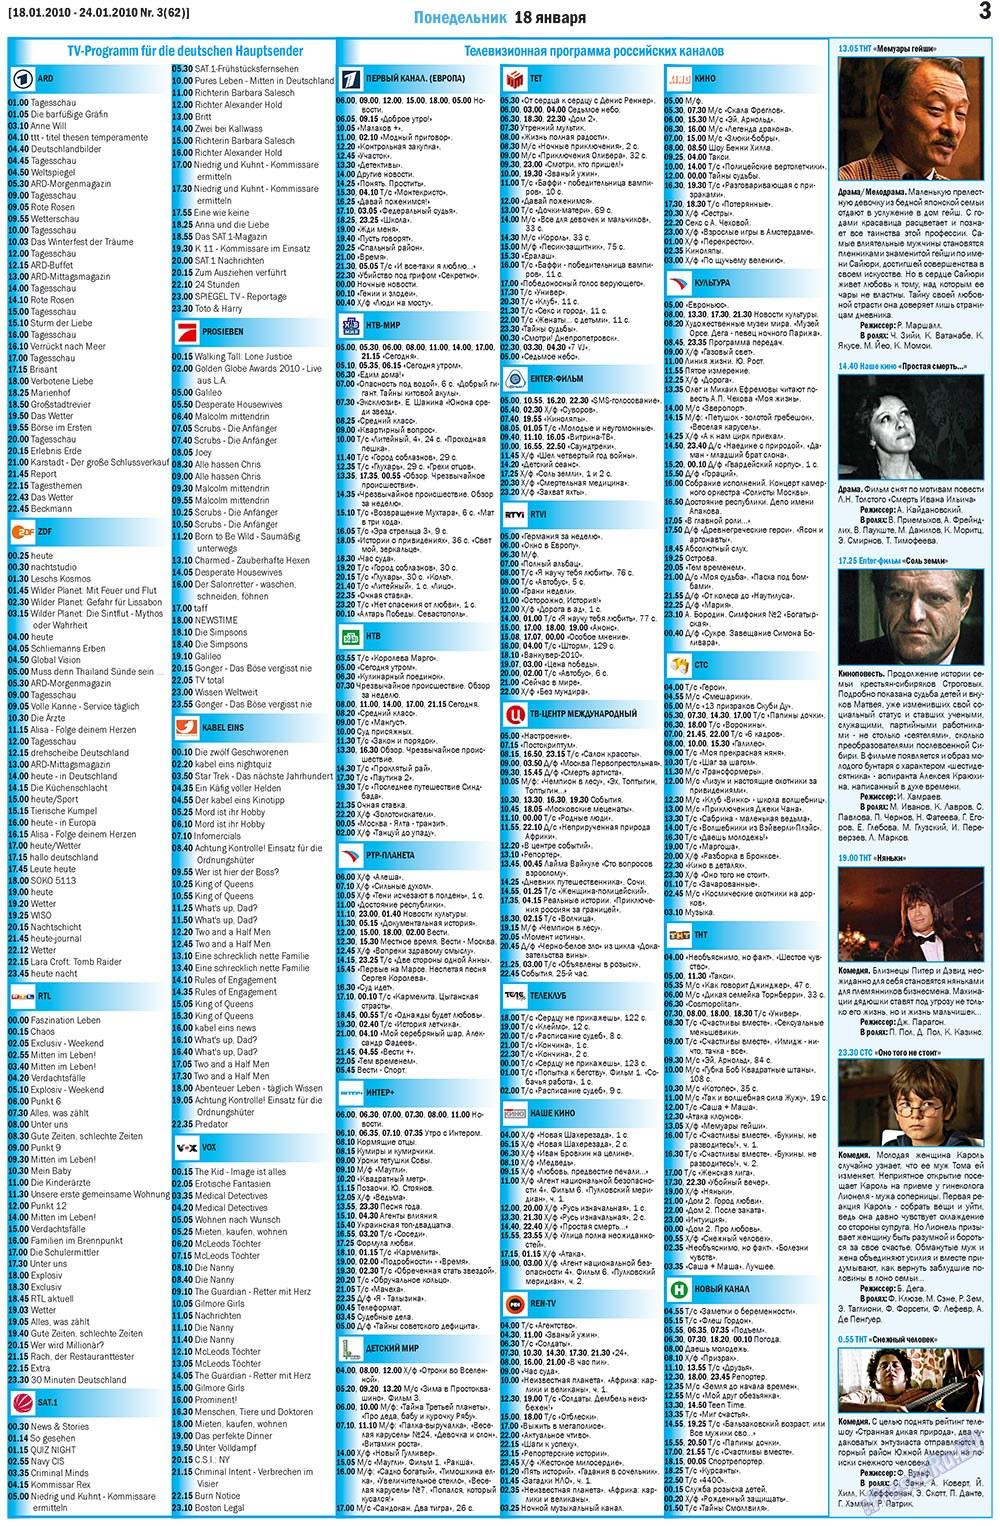 MIX-Markt Zeitung (газета). 2010 год, номер 3, стр. 3